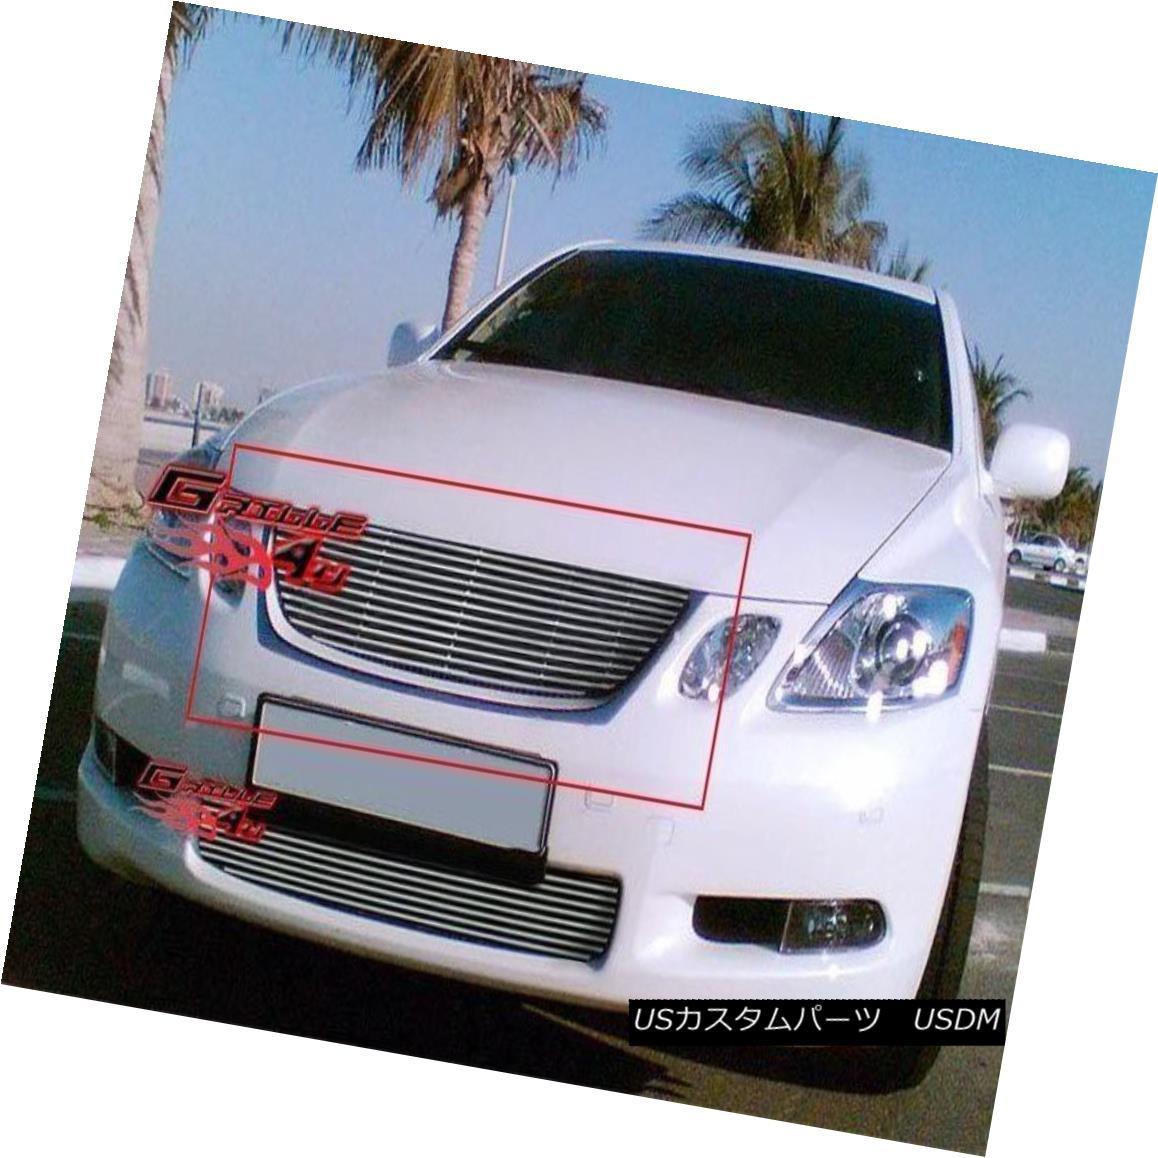 グリル Fits 06 Lexus GS 300/05-07 GS 430/07 GS 450H Main Upper Billet Grille フィックス06レクサスGS 300 / 05-07 GS 430/07 GS 450Hメインアッパービレットグリル